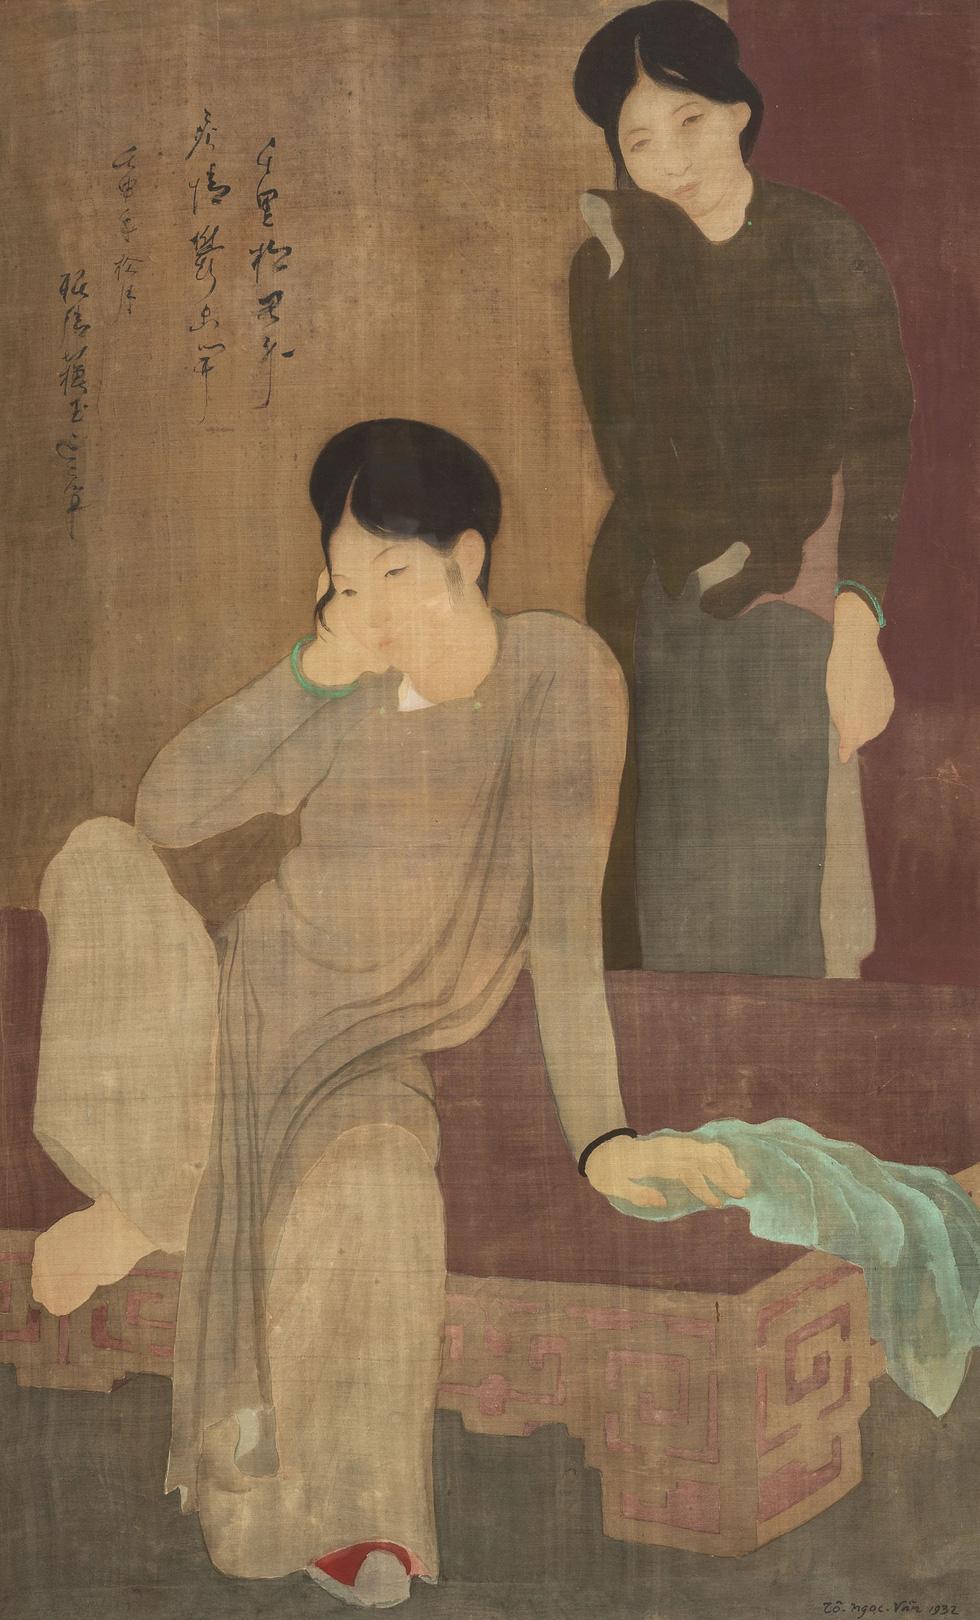 Tranh khỏa thân của Lê Phổ được mua giá kỷ lục 1,4 triệu USD - Ảnh 3.